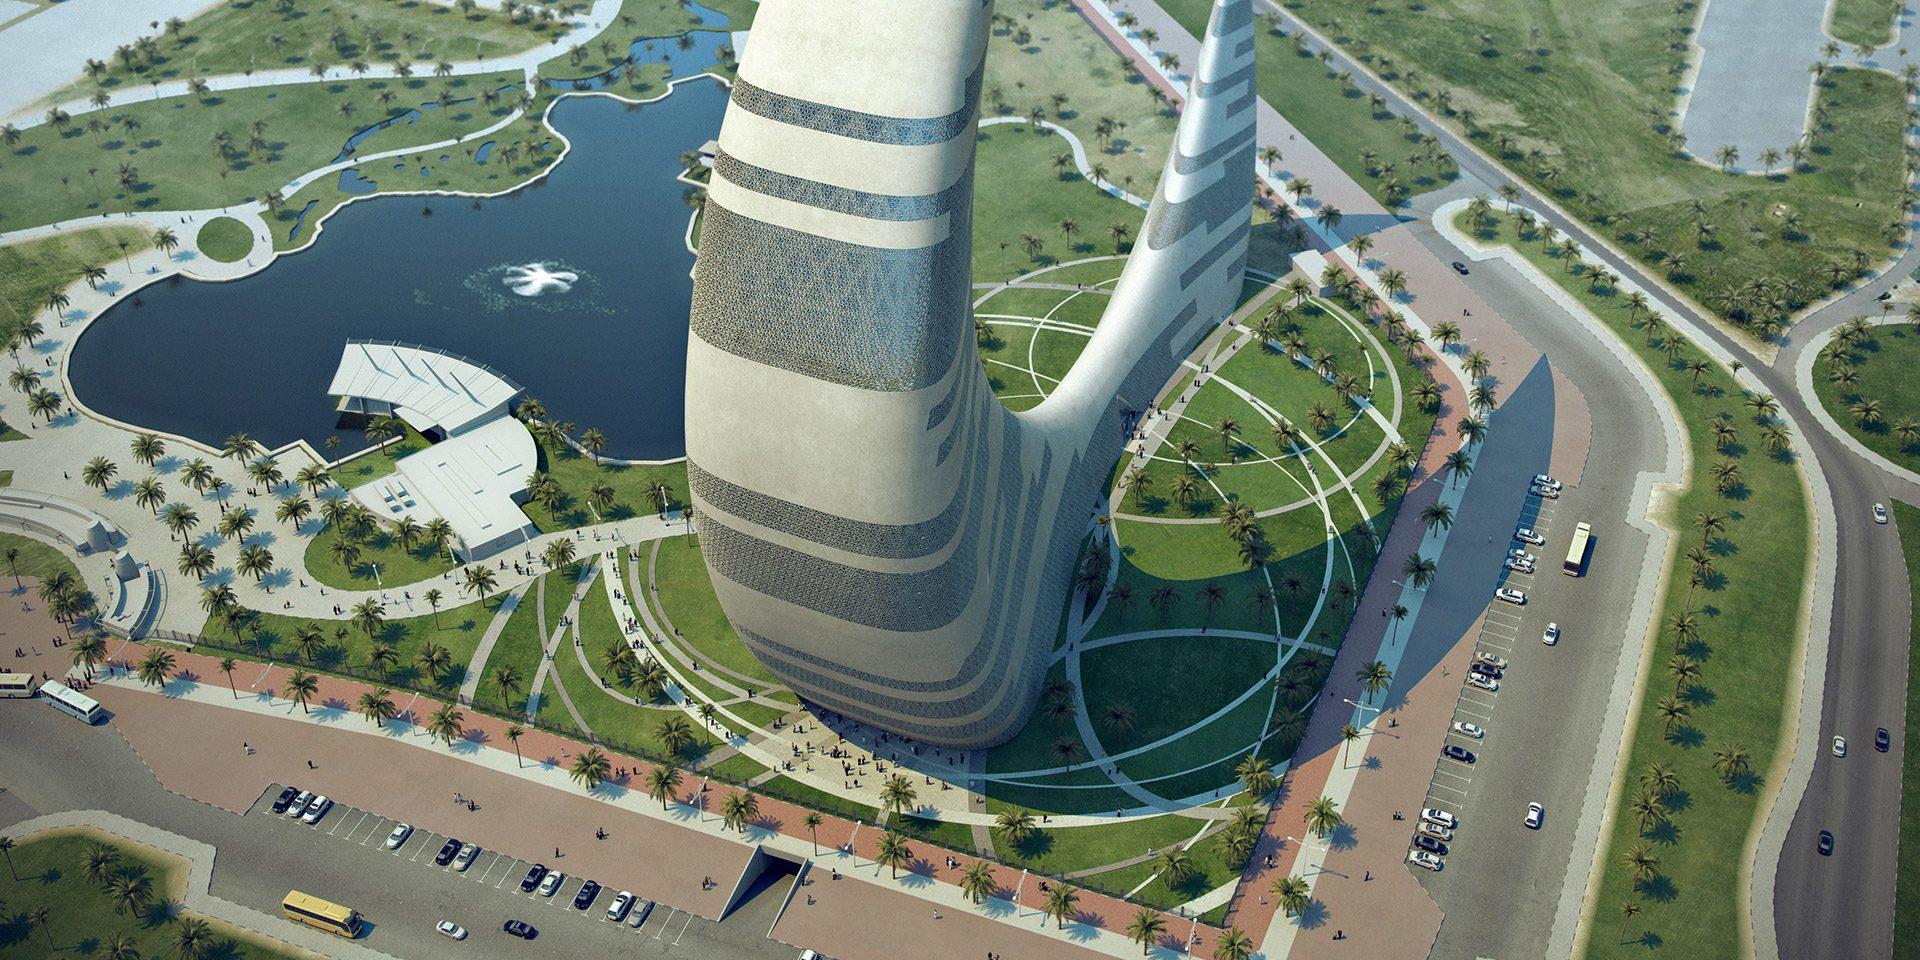 صور دبي تبني برج جديد على شكل هلال القمر , ناطحة سحاب الهلال في دبي